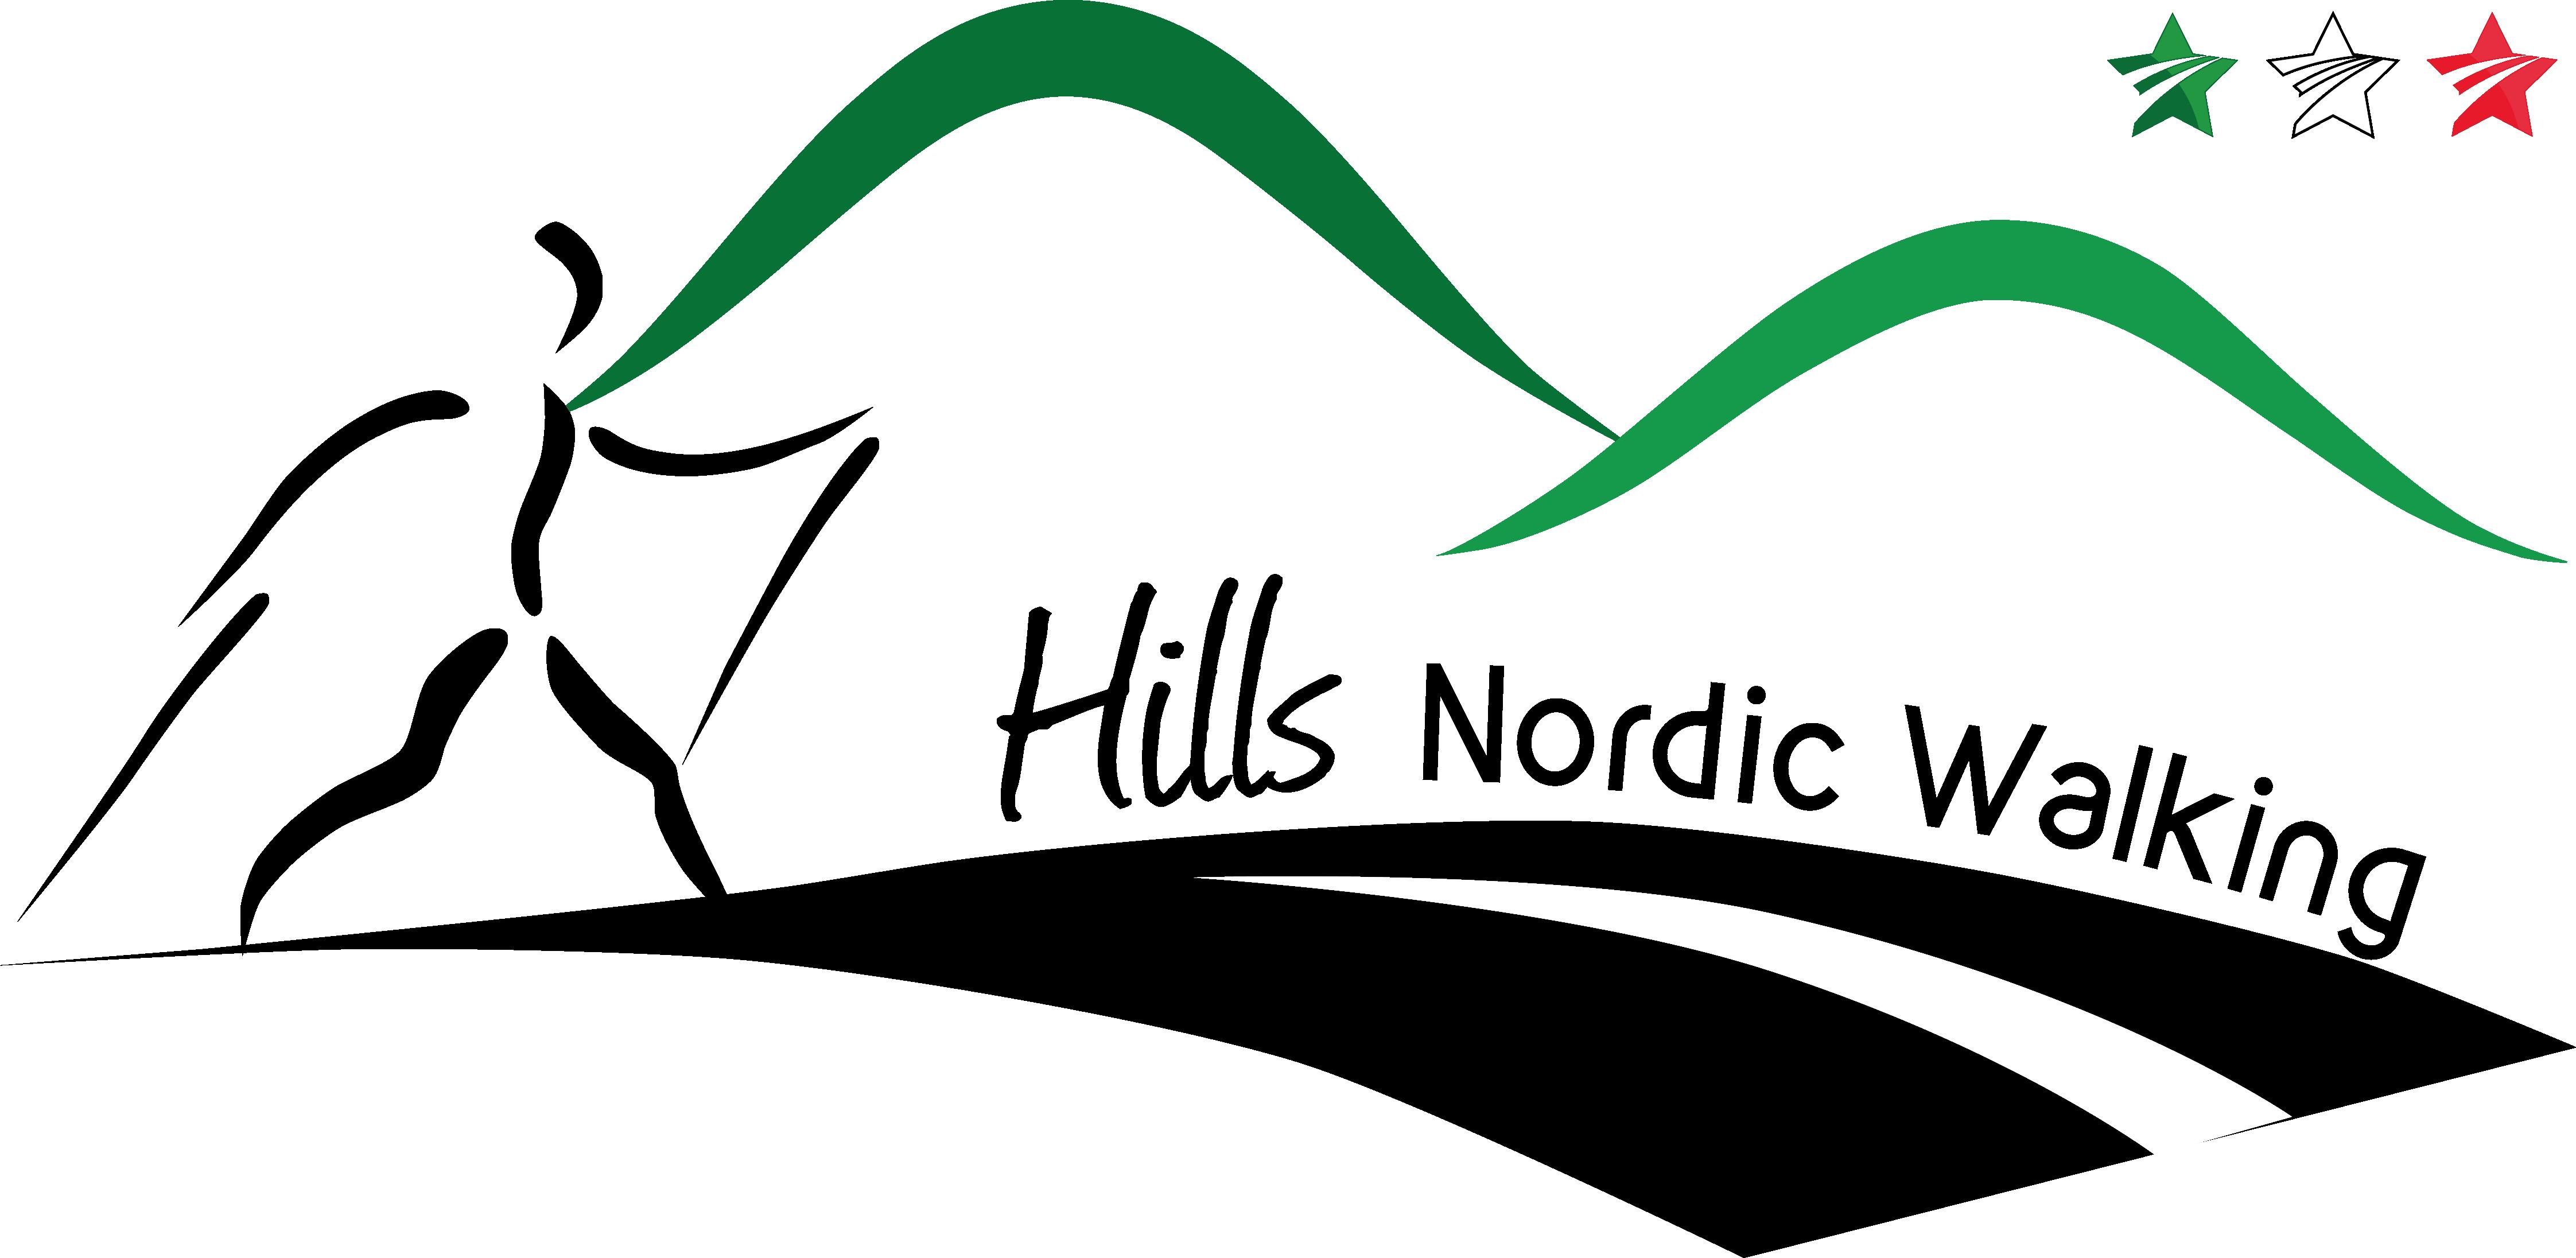 logo hills nordic walking